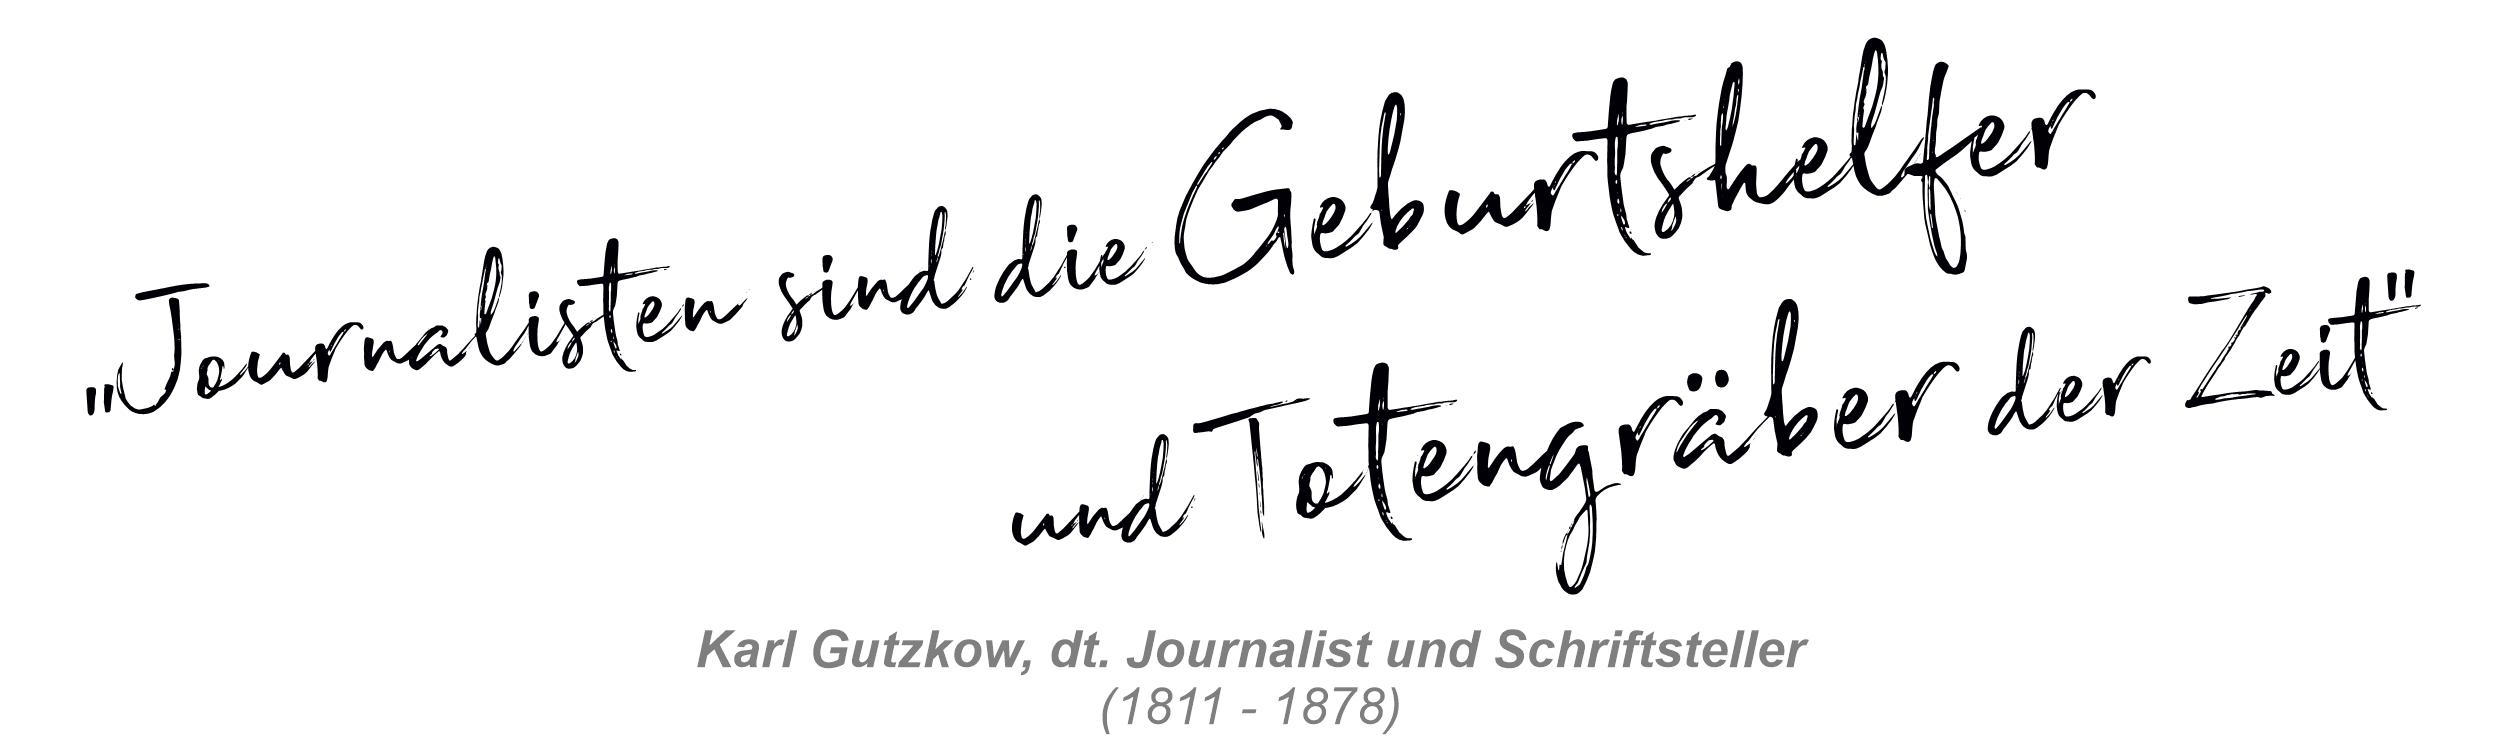 Zitat Karl Gutzkow: Journalisten sind die Geburtshelfer und Totengräber der Zeit.